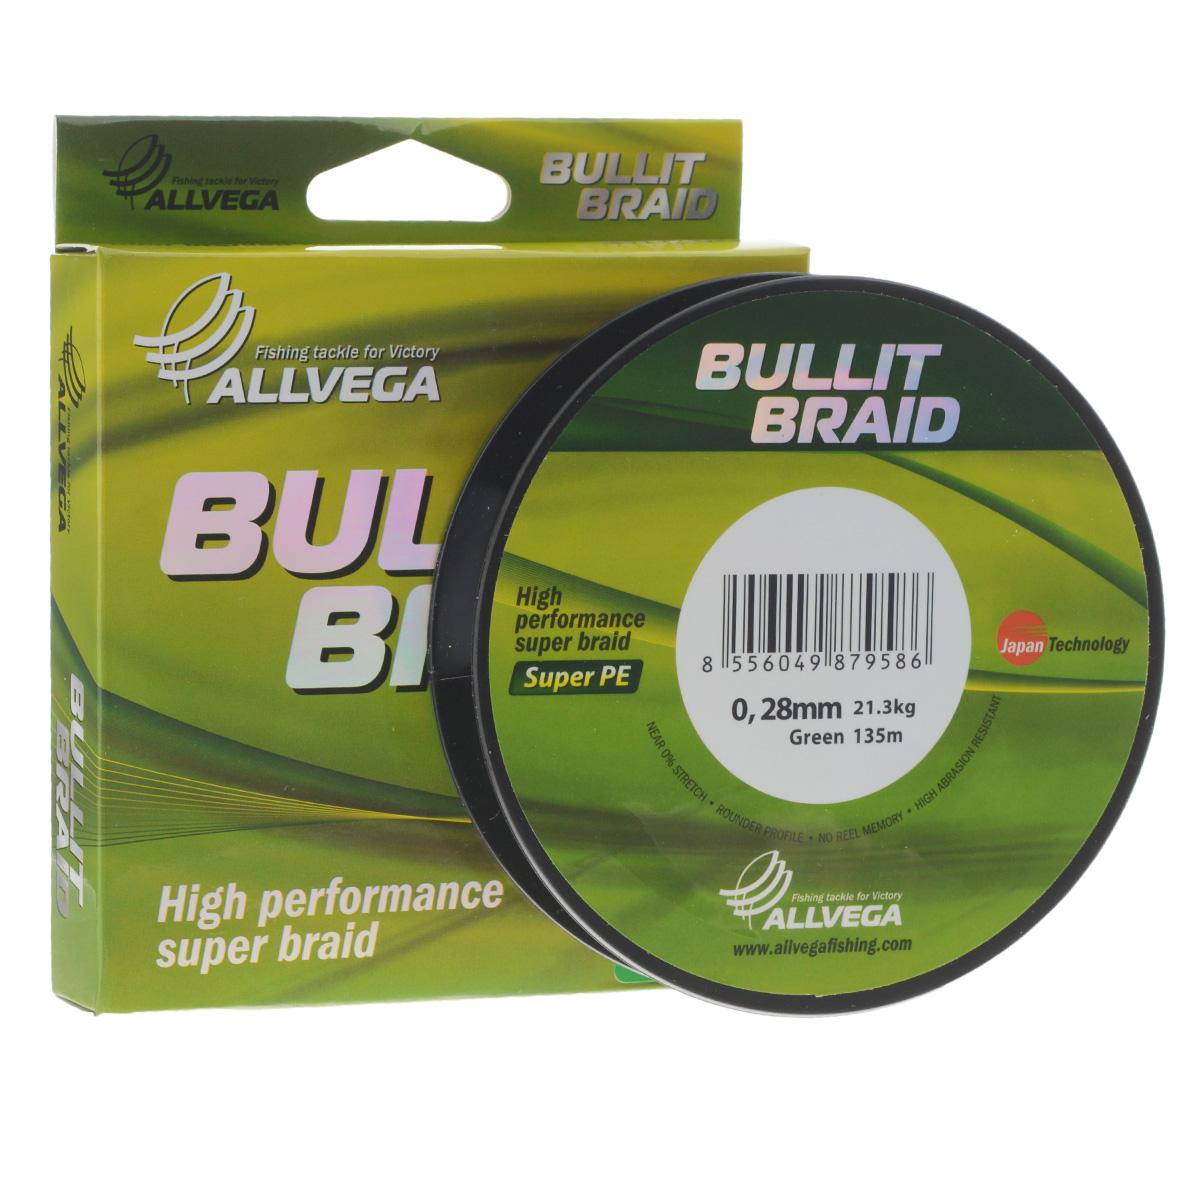 Леска плетеная Allvega Bullit Braid, цвет: темно-зеленый, 135 м, 0,28 мм, 21,3 кг39932Леска Allvega Bullit Braid с гладкой поверхностью и одинаковым сечением по всей длине обладает высокой износостойкостью. Благодаря микроволокнам полиэтилена (Super PE) леска имеет очень плотное плетение и не впитывает воду. Леску Allvega Bullit Braid можно применять в любых типах водоемов. Особенности:- повышенная износостойкость;- высокая чувствительность - коэффициент растяжения близок к нулю;- отсутствует память;- идеально гладкая поверхность позволяет увеличить дальность забросов;- высокая прочность шнура на узлах.